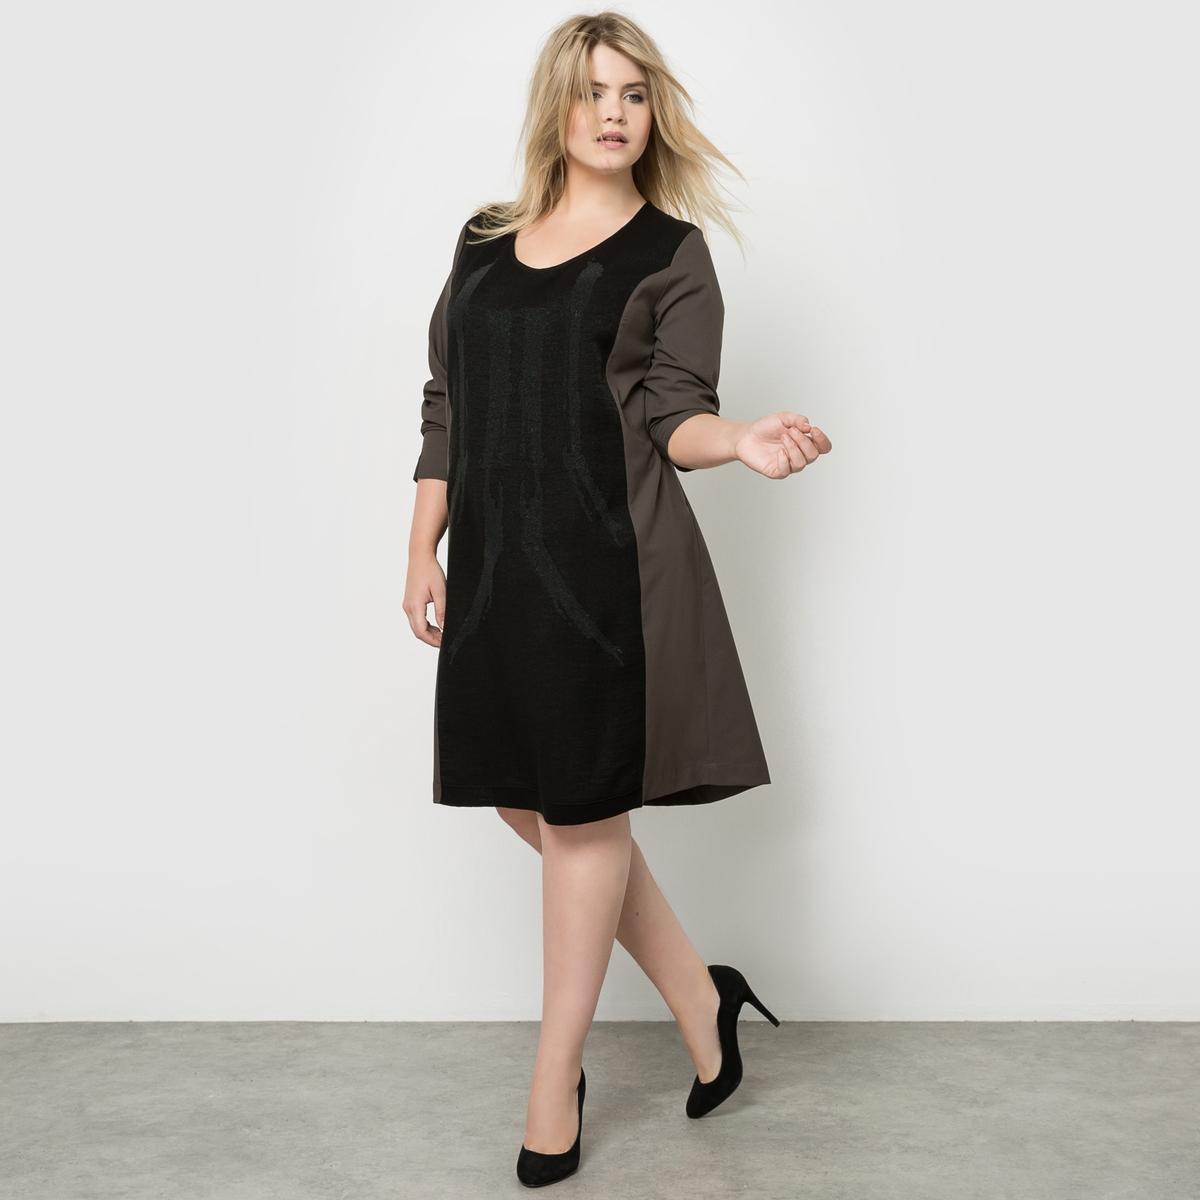 ПлатьеПлатье с принтом MELLEM, длинный рукав. 86% полиэстера, 14% эластана. Изысканное и очень удобное платье из блестящего креп-стрейча с принтом икринки.  V-образный вырез.<br><br>Цвет: хаки,черный<br>Размер: 44 (FR) - 50 (RUS).42 (FR) - 48 (RUS).52 (FR) - 58 (RUS).46 (FR) - 52 (RUS)